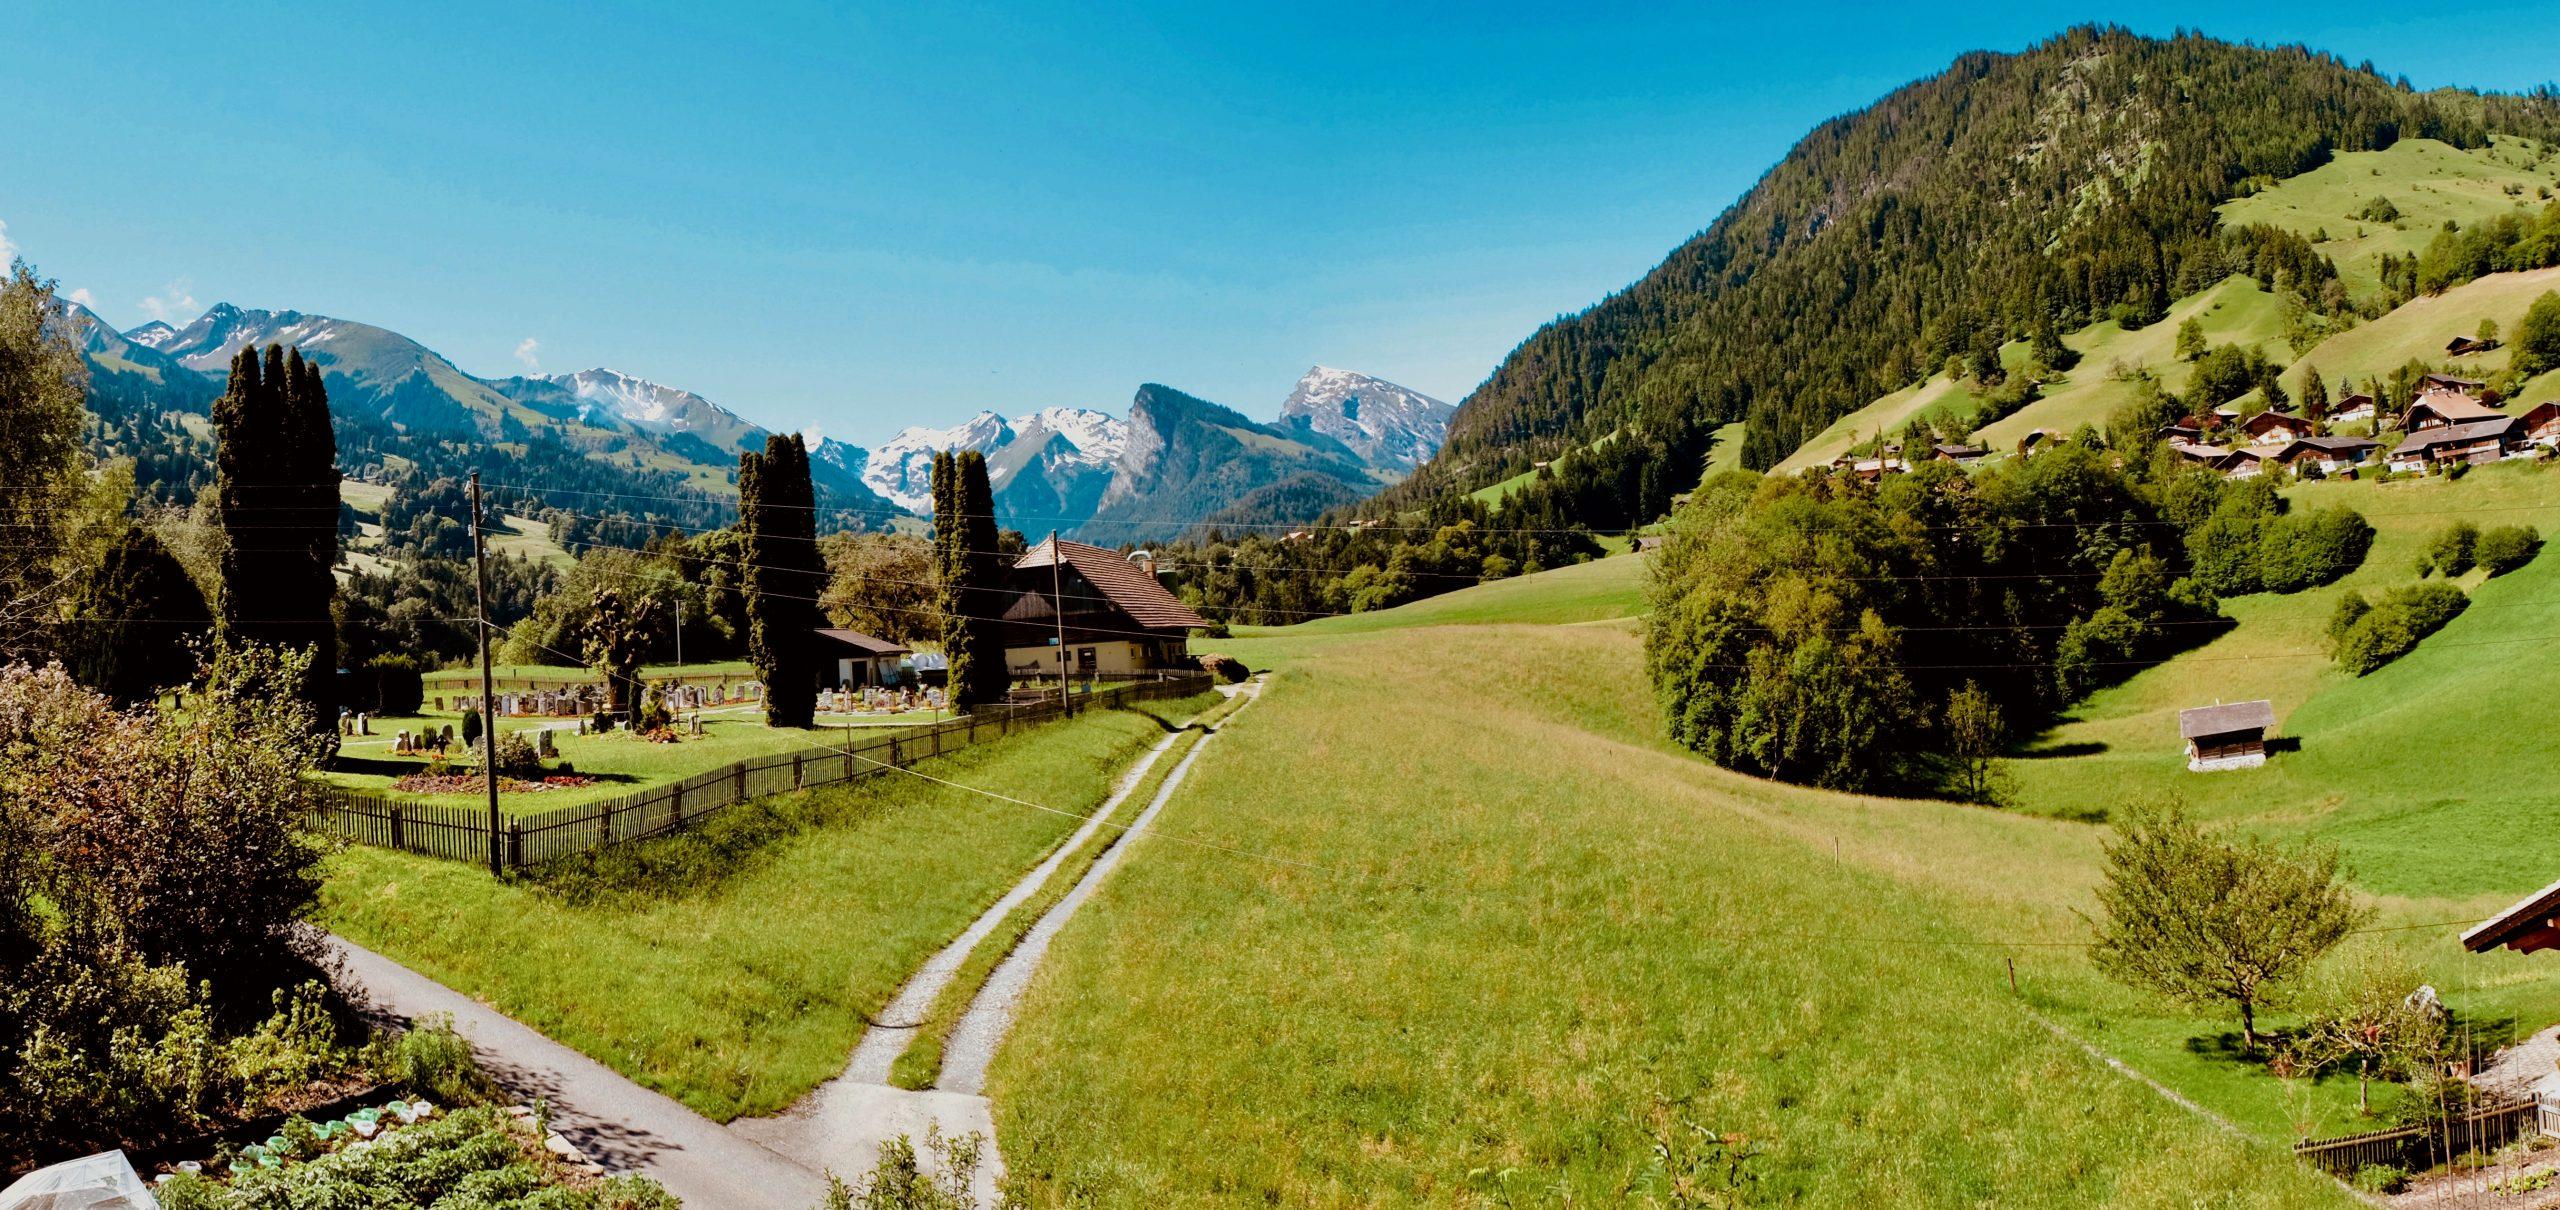 Panorama_Diemtigen